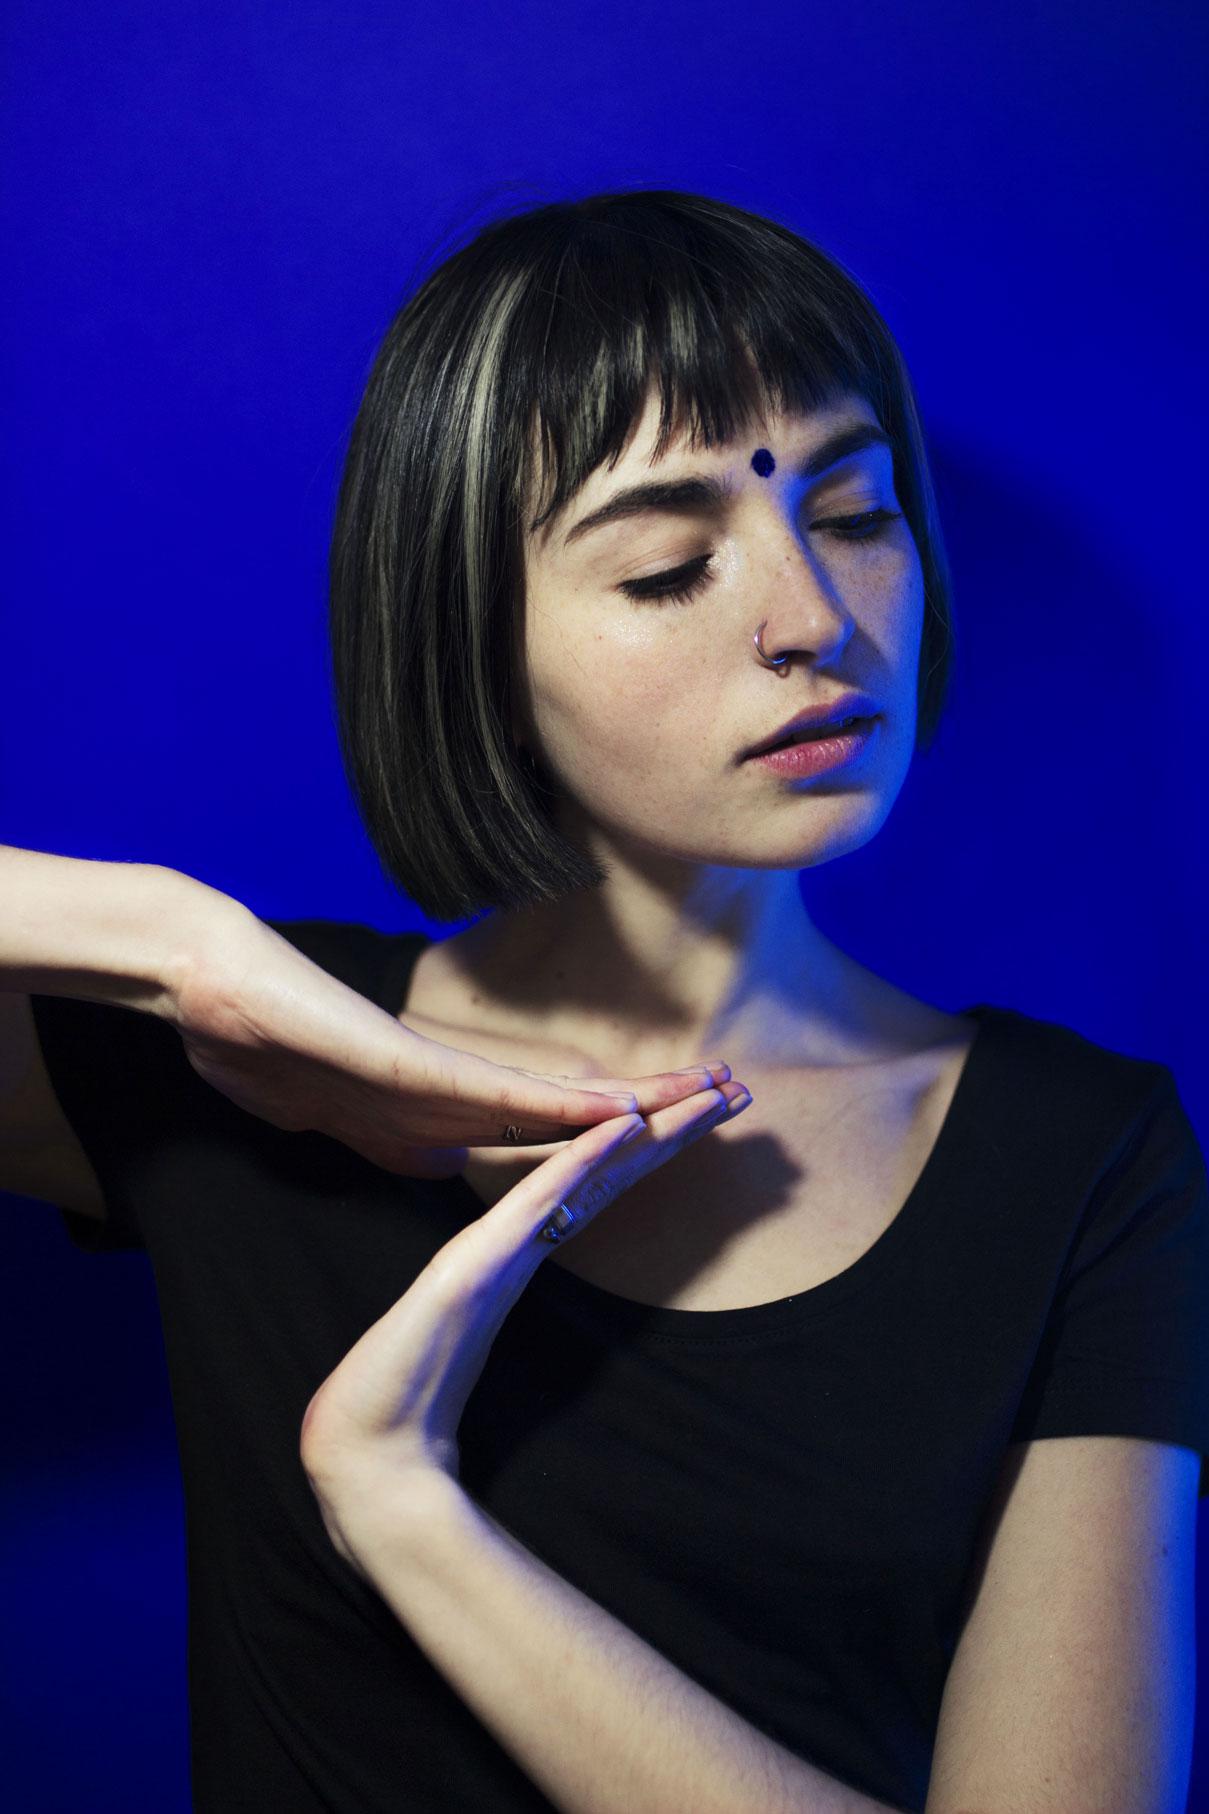 jeune femme dansant devant un fond bleu avec un bindi